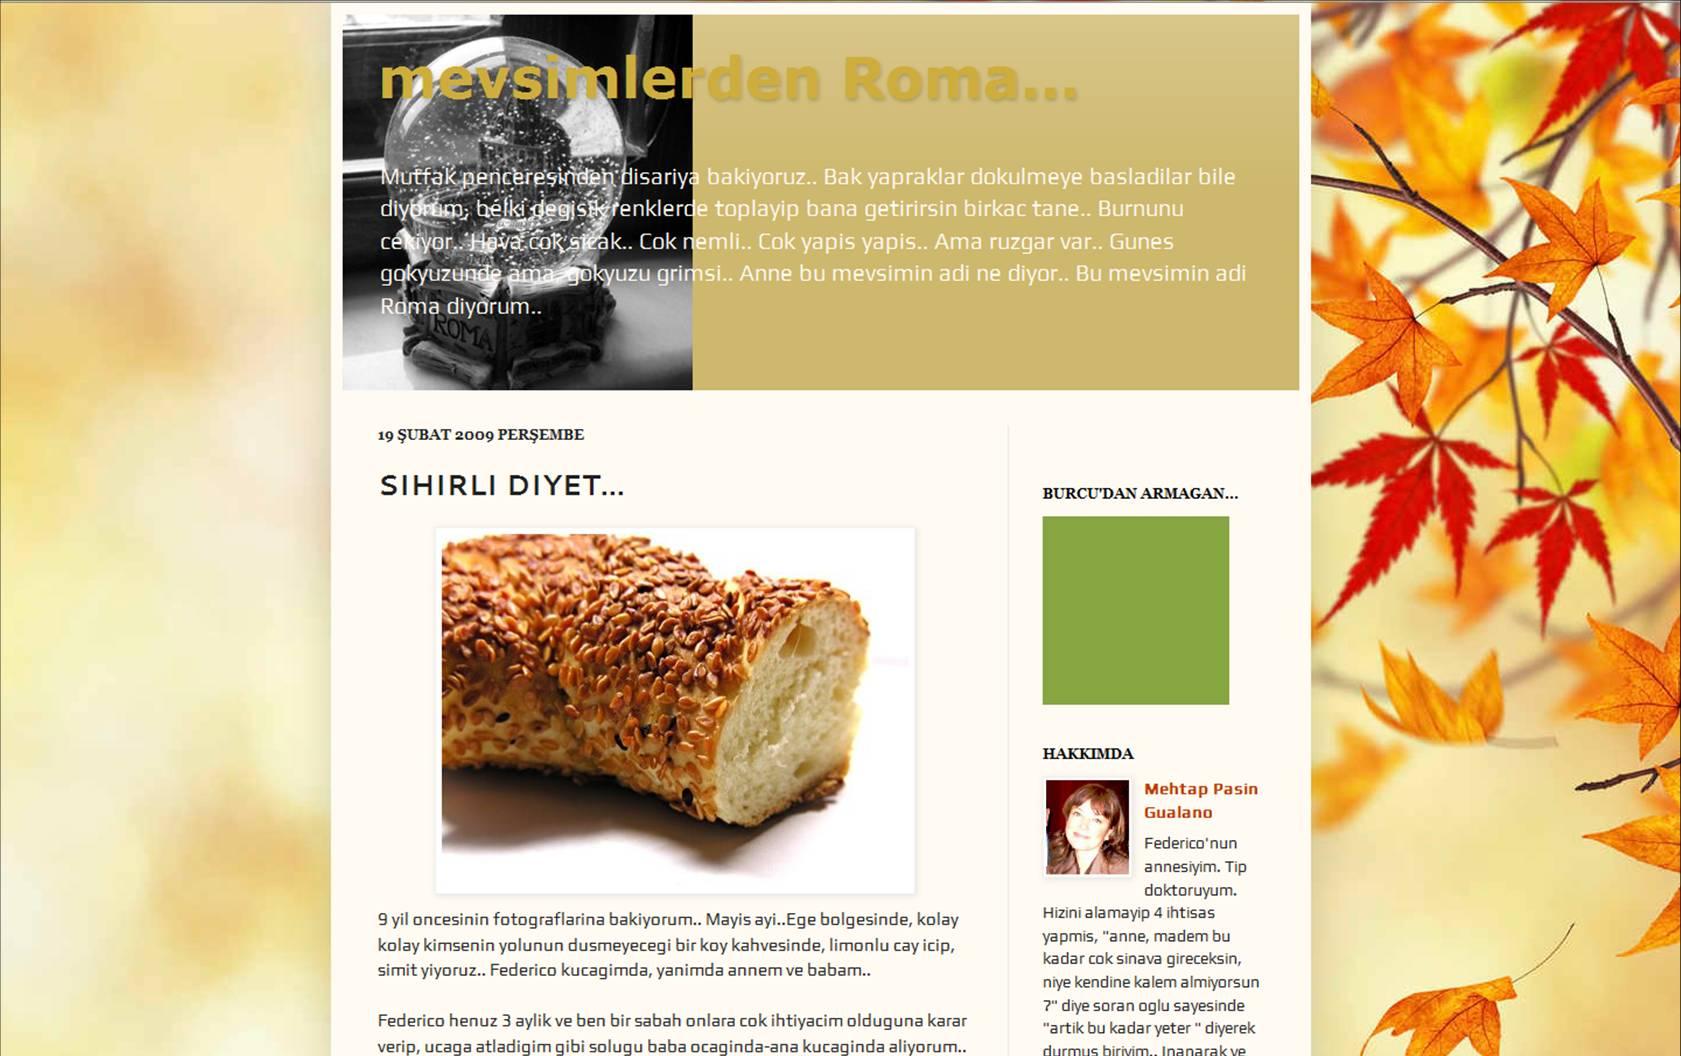 Mevsimlerden Roma ile sağlıklı beslenme